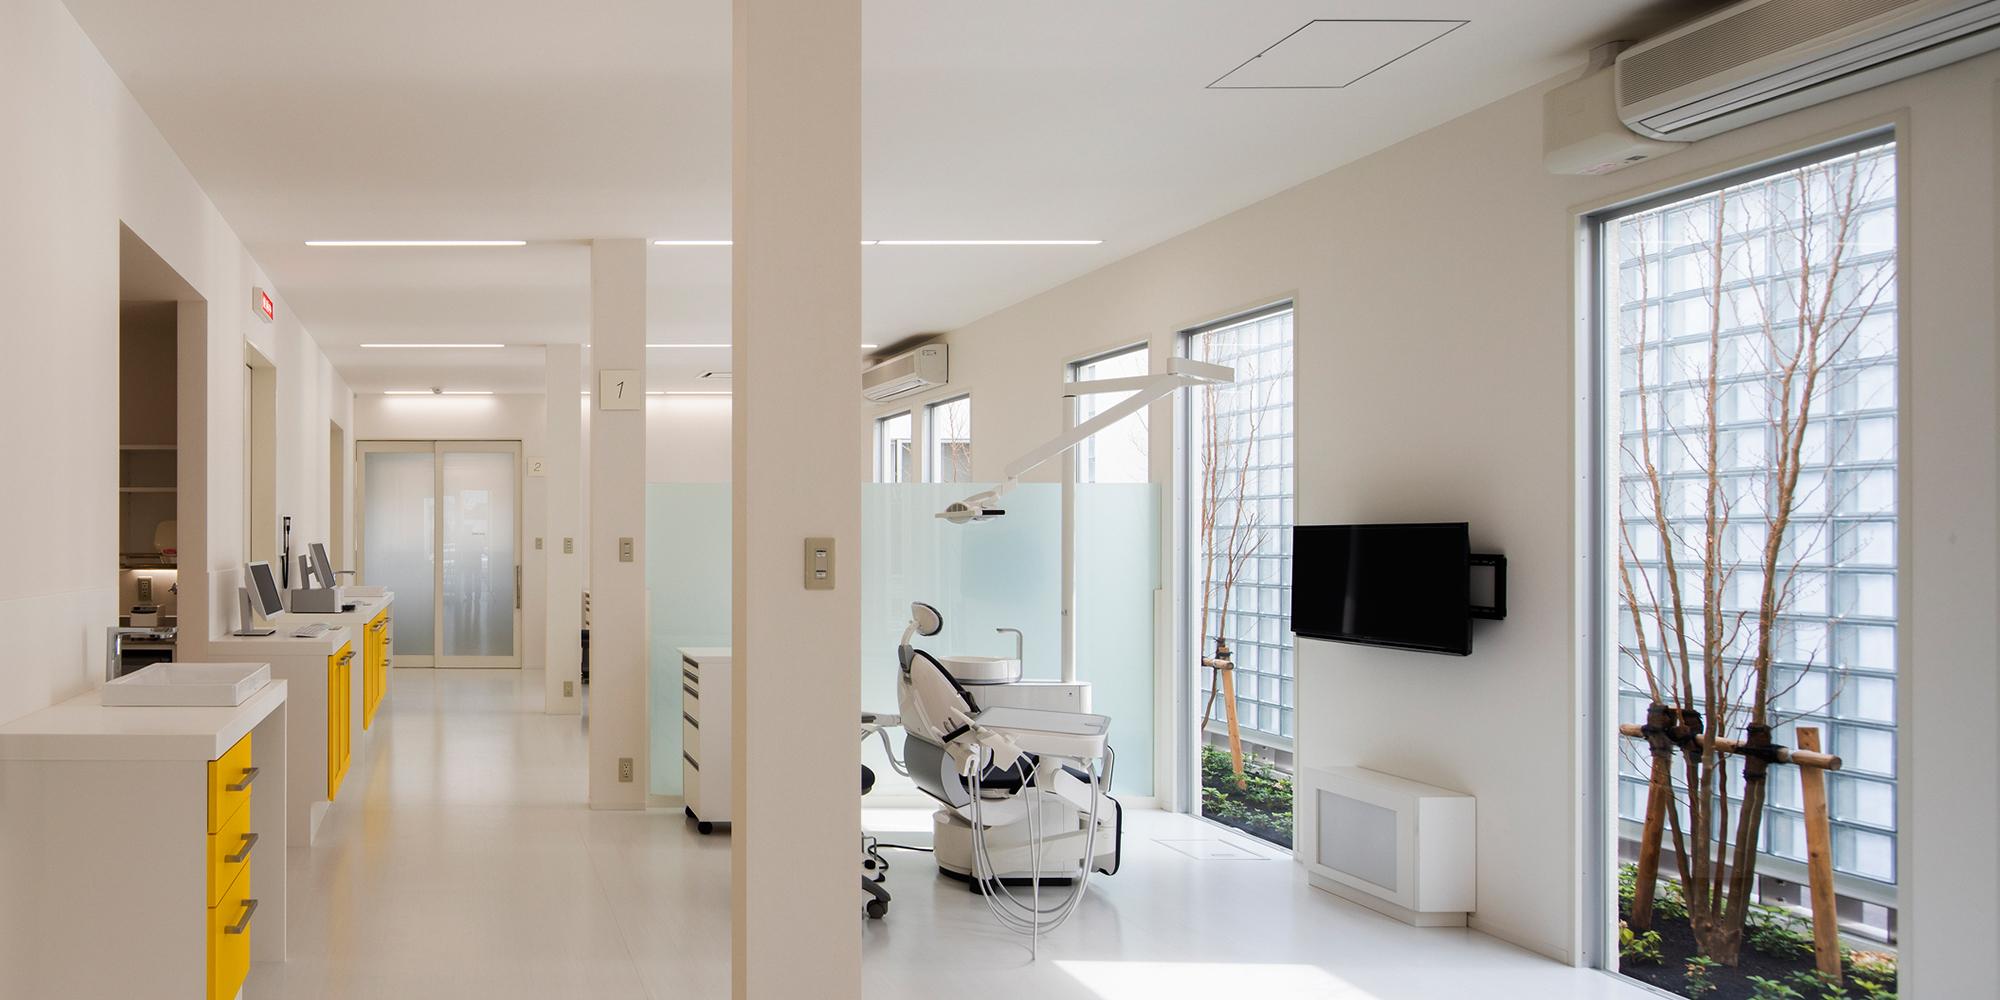 佐藤建築事務所「和田歯科医院」